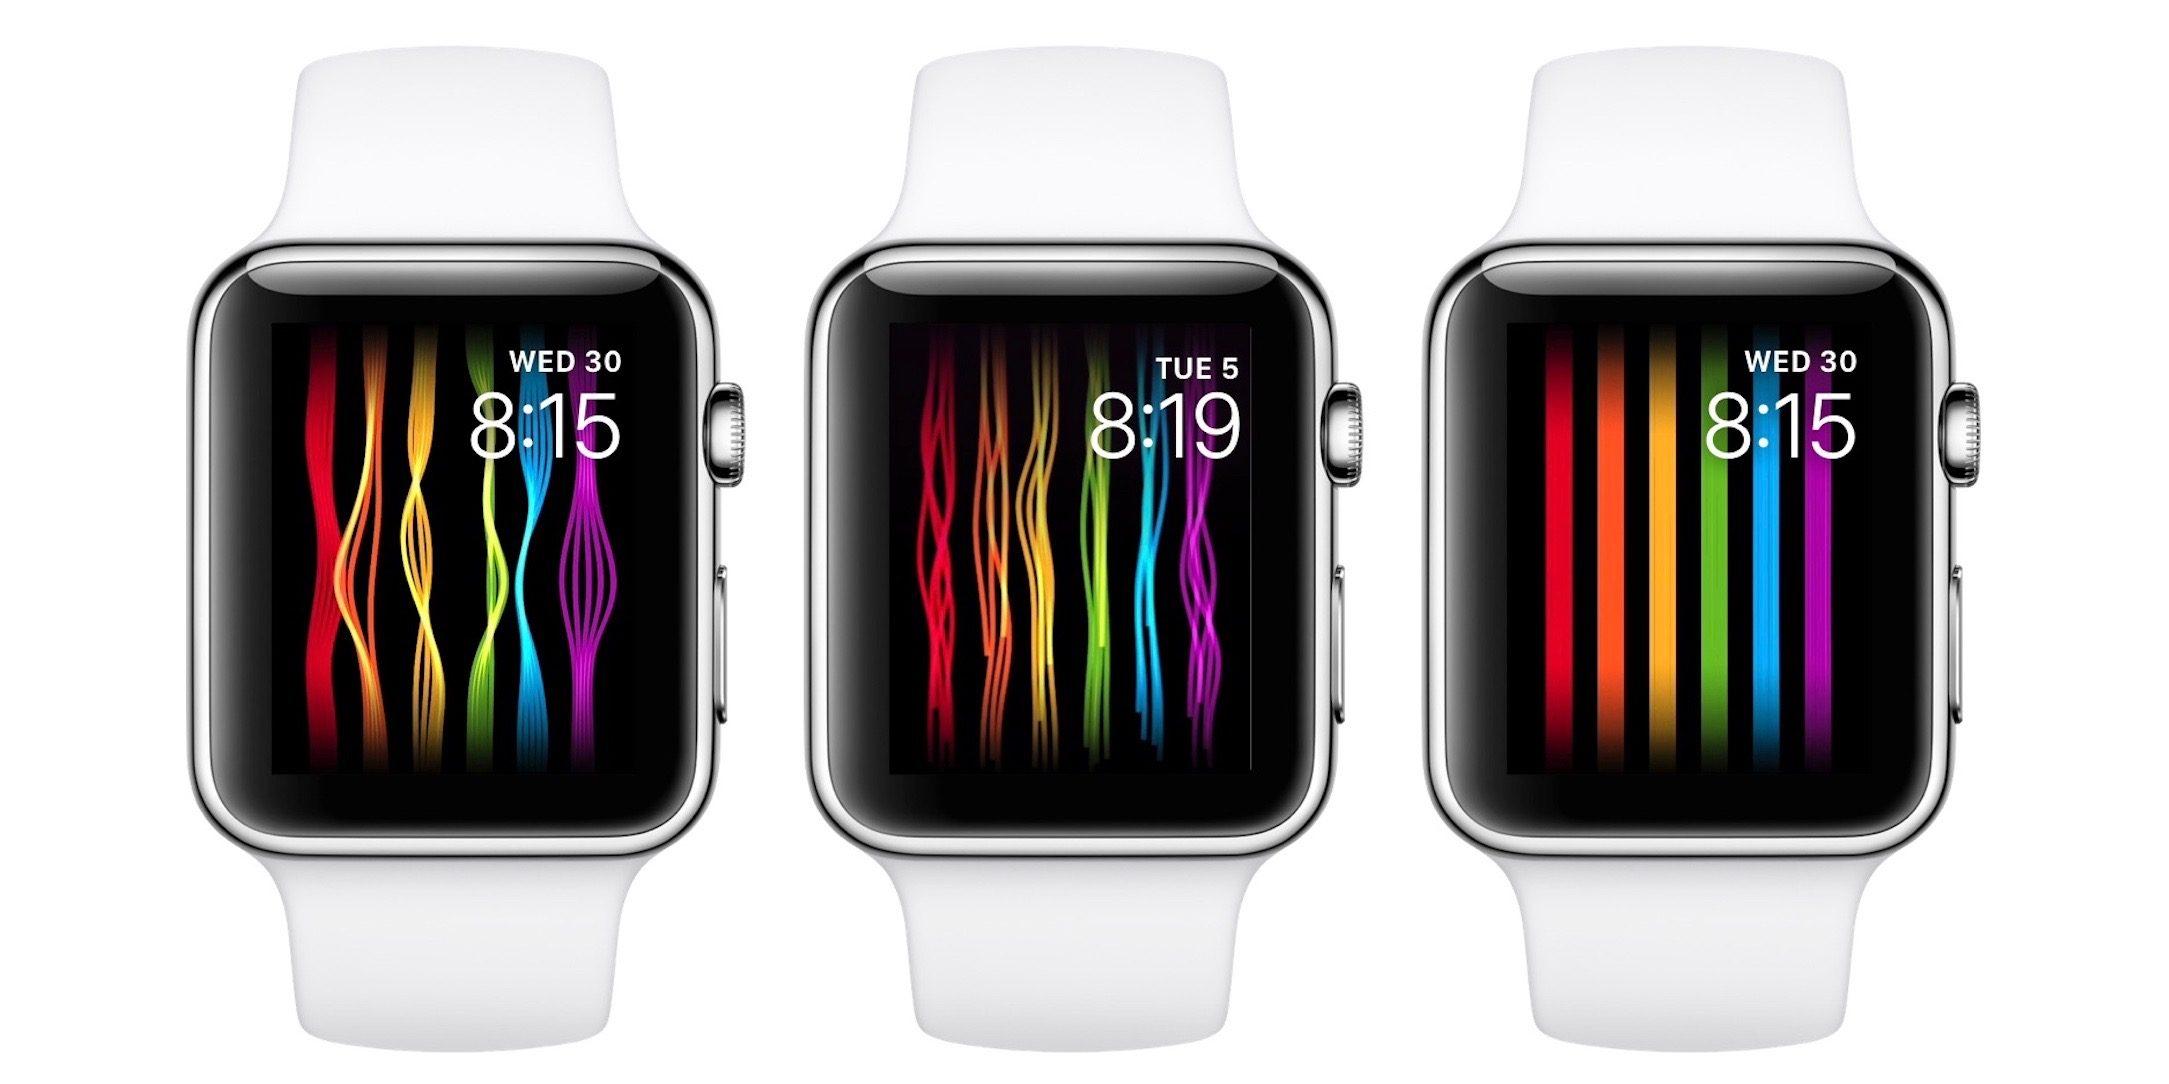 Apple Watchの新しい文字盤「プライド」が登場!WWDCの始まる6月5日から使用可能に